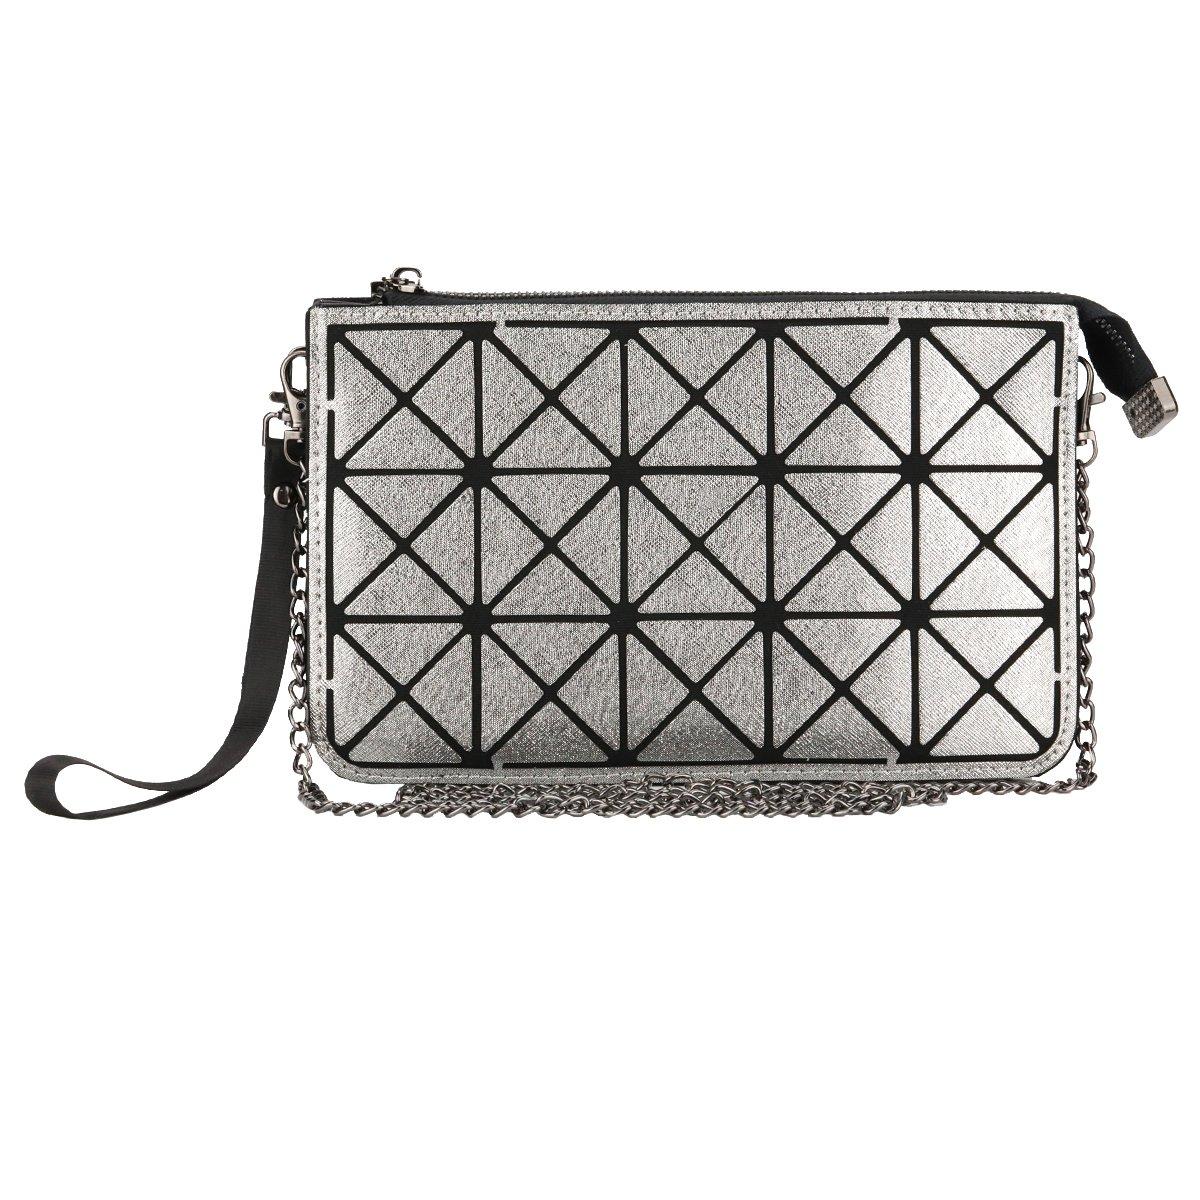 Women Wristlet Wallet Clutch - Geometric Crossbody Purse Bags - Black Gunmetal, by Beaulegan